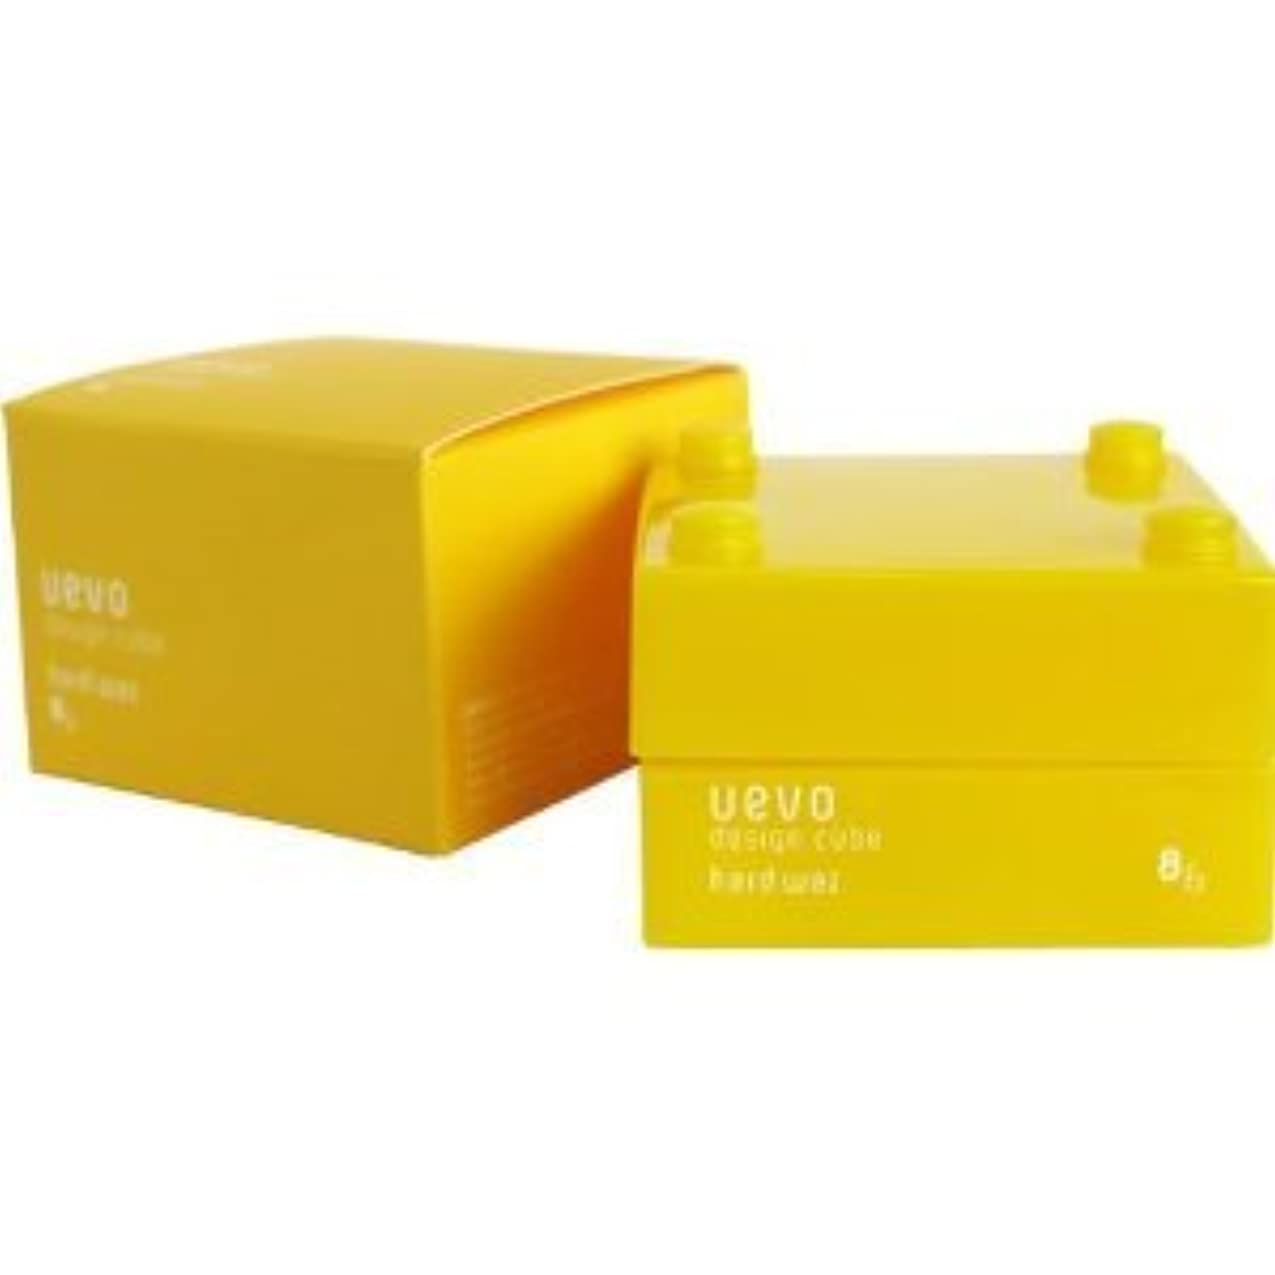 トレーニングロボット隣接する【X3個セット】 デミ ウェーボ デザインキューブ ハードワックス 30g hard wax DEMI uevo design cube